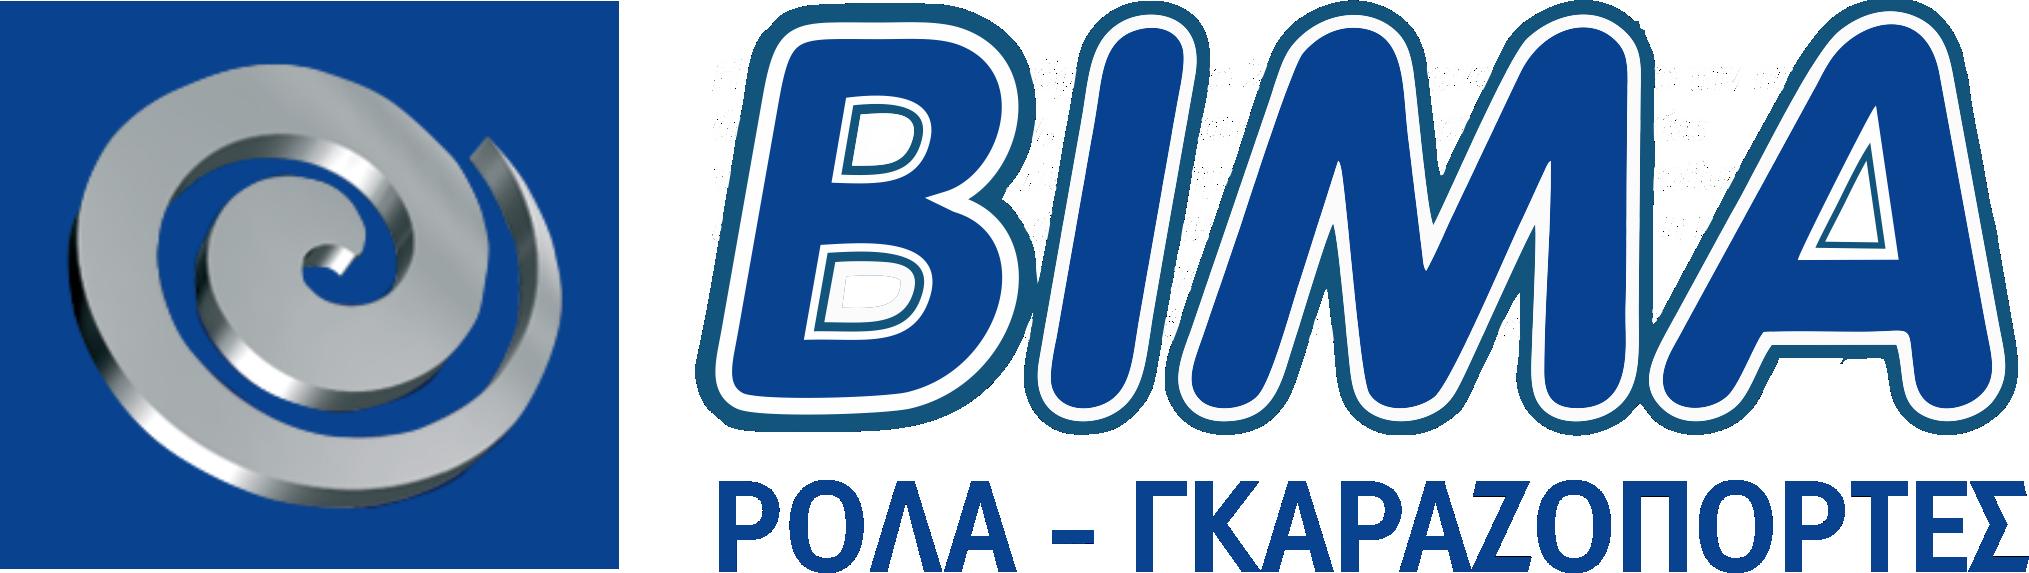 vima logo vector2